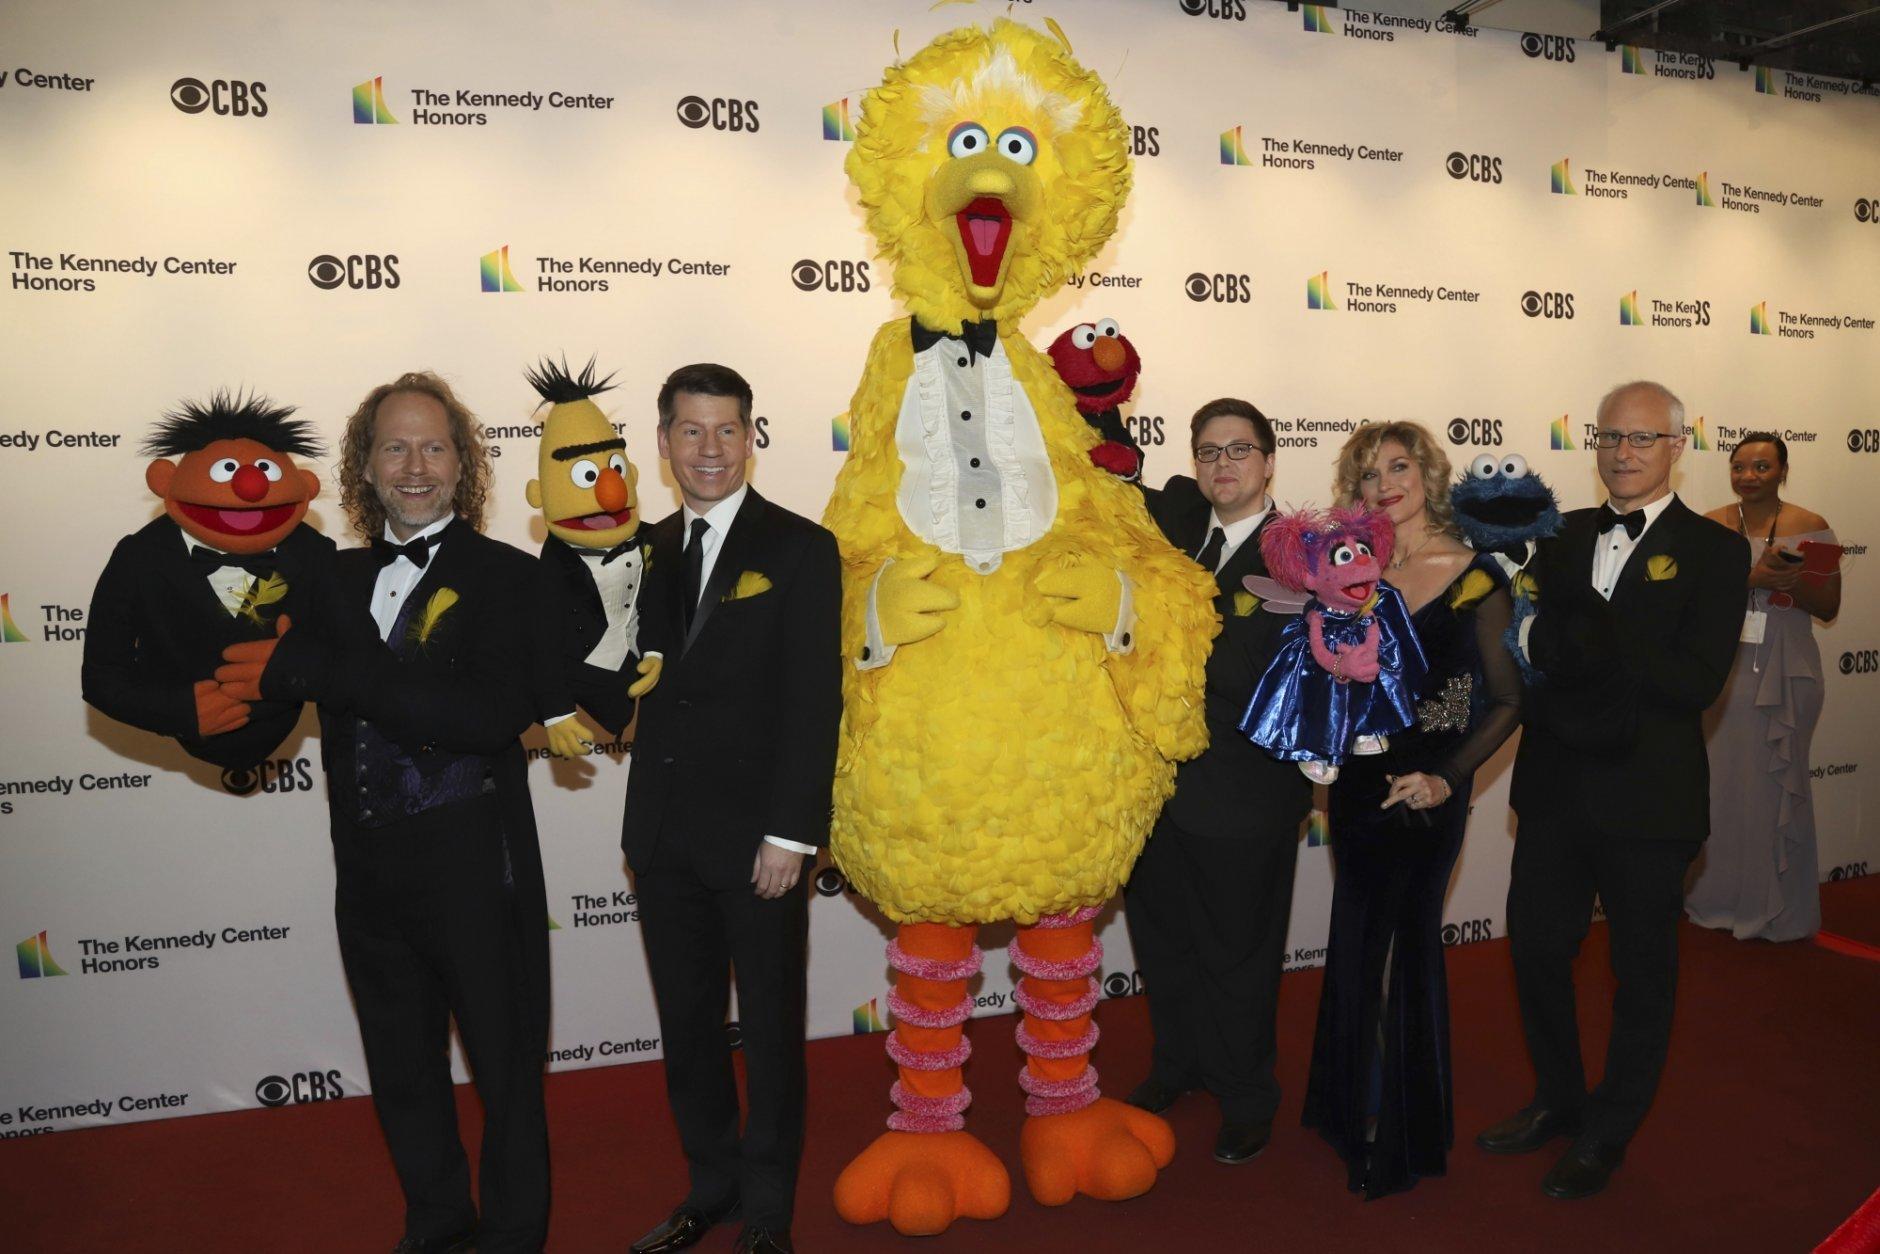 Ernie, Bert, Big Bird, Elmo, Abby Cadabby, Cookie Monster